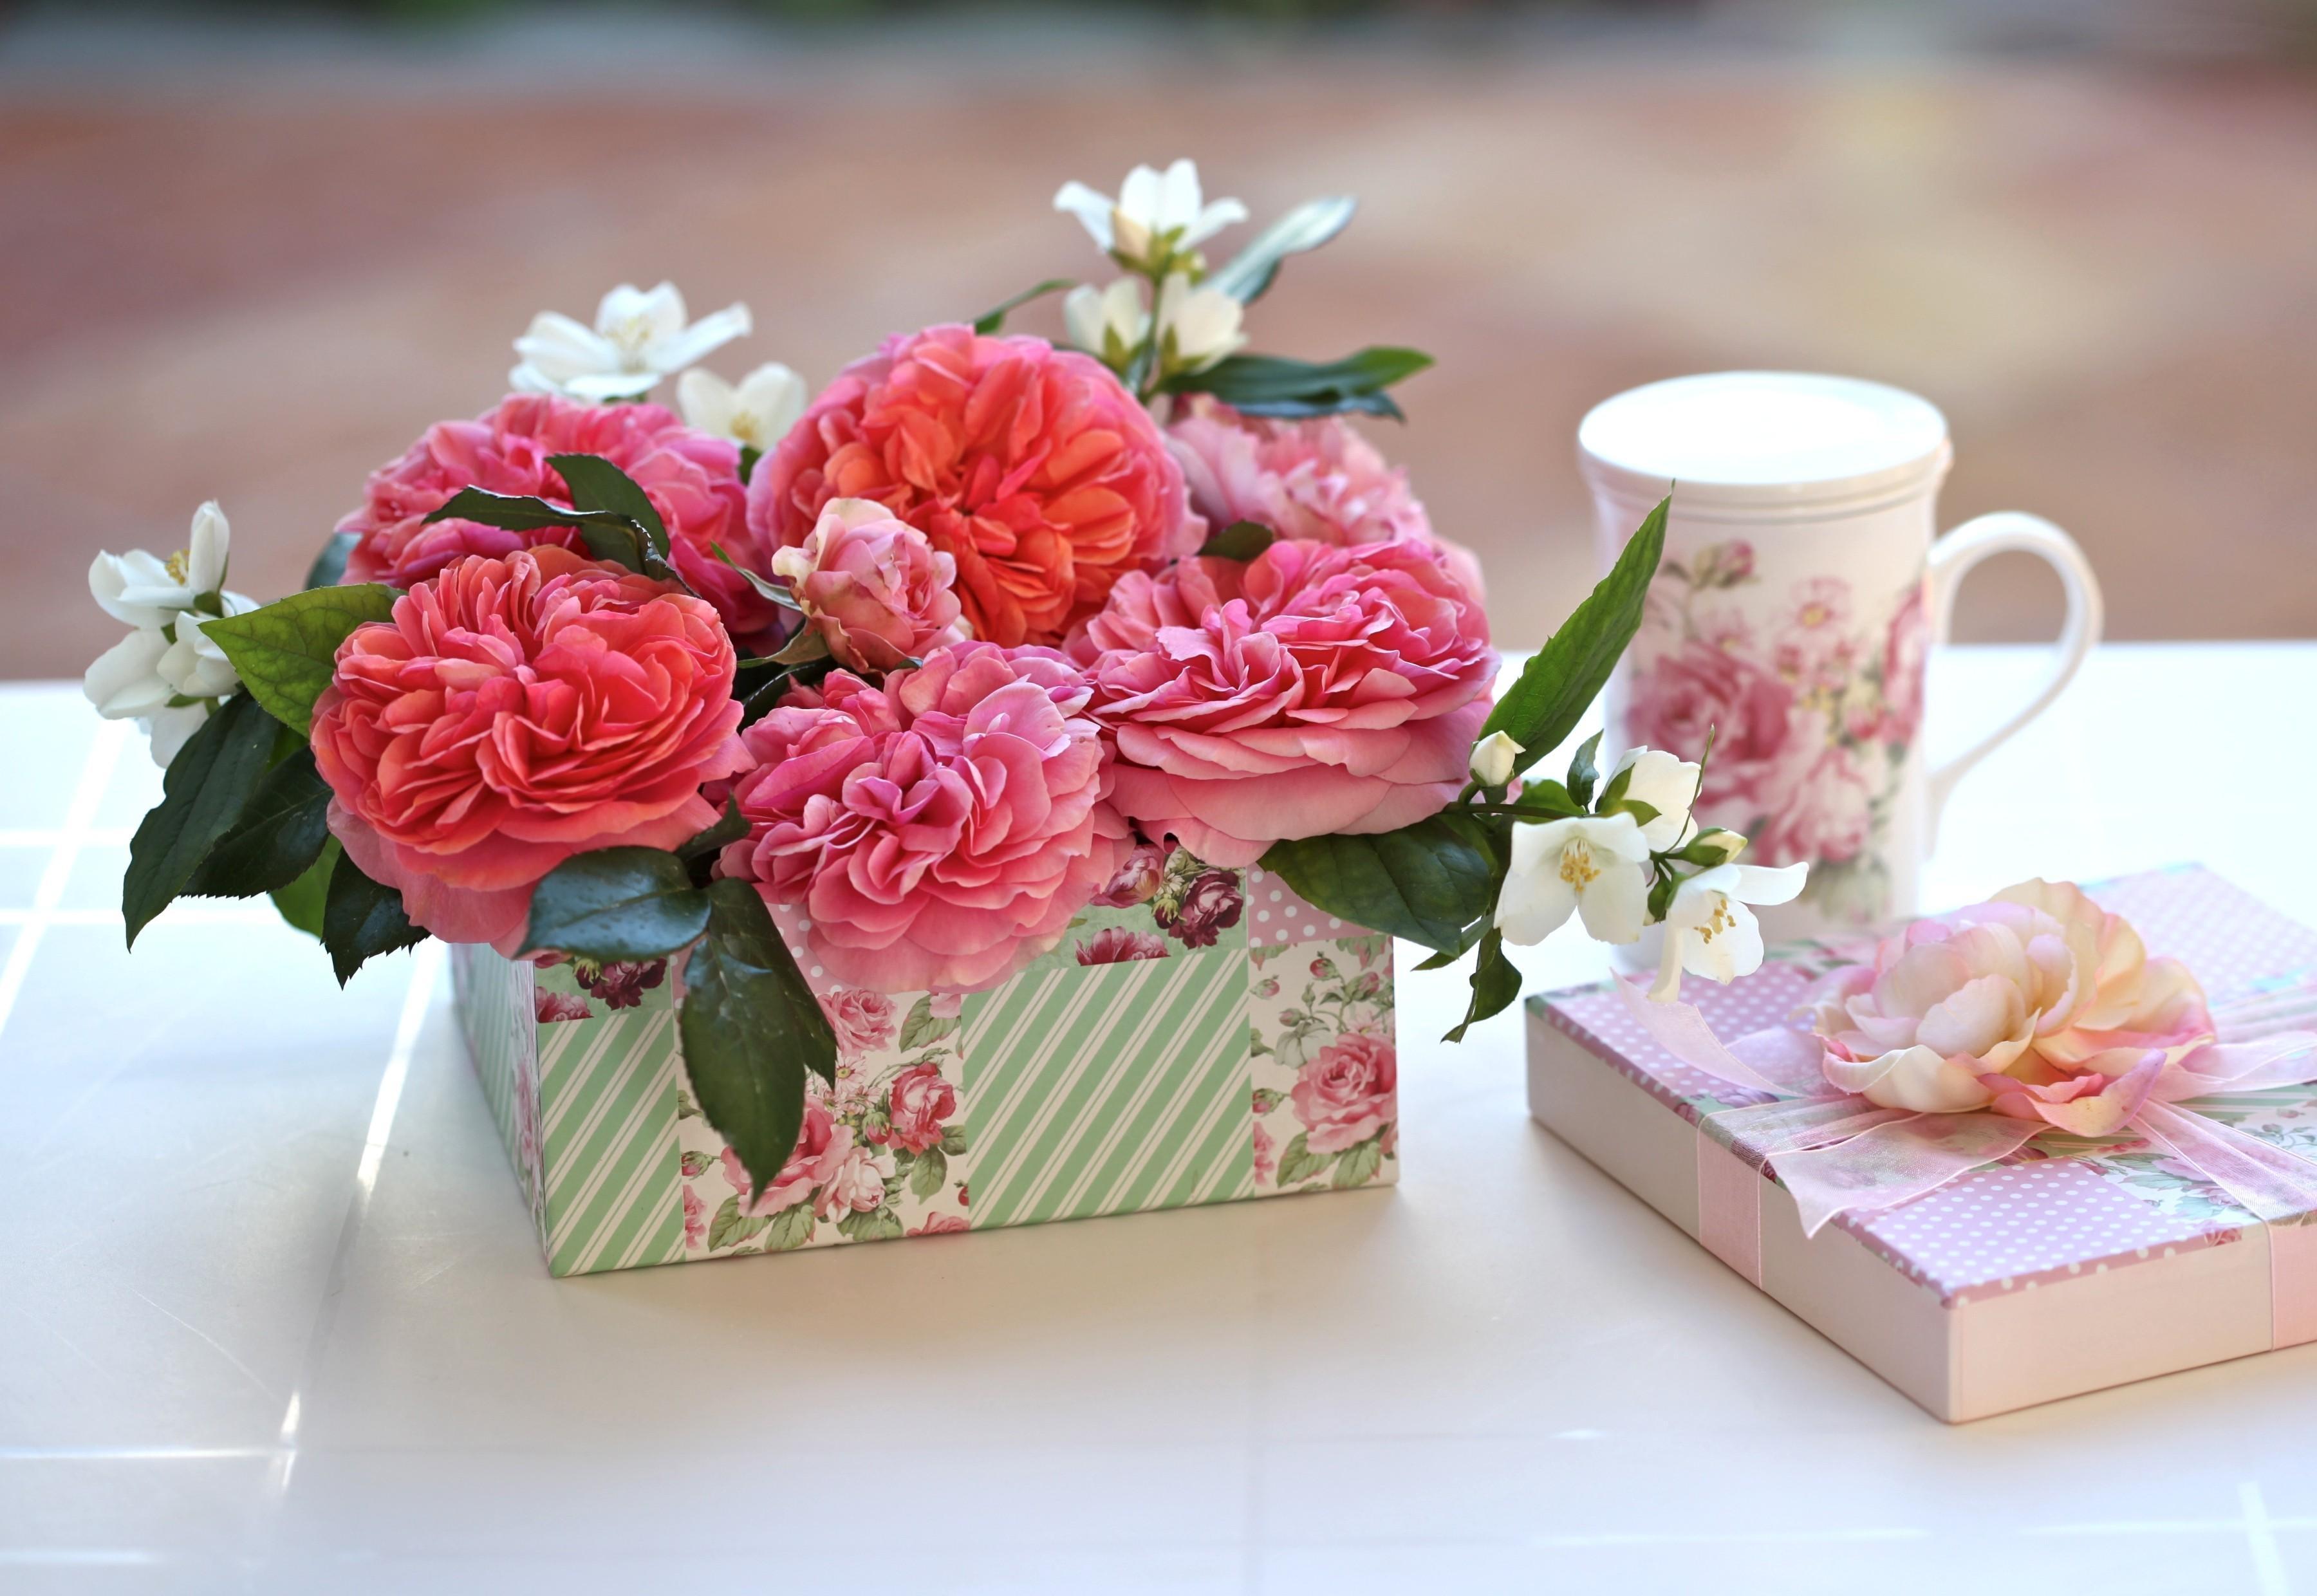 デスクトップ壁紙 フラワーズ カップ ピンク 工場 バラ 贈り物